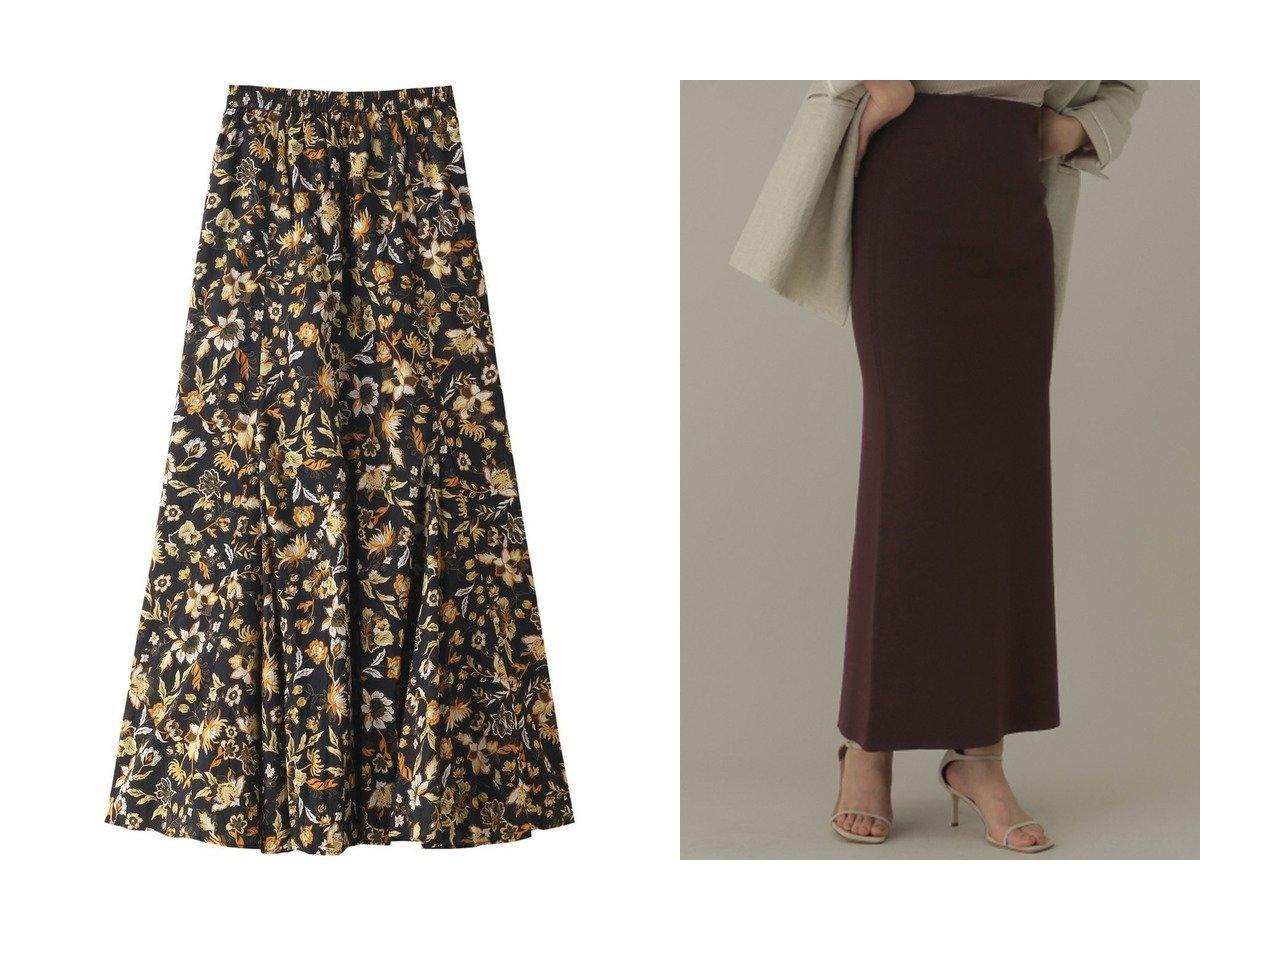 【Chaos/カオス】のシルクコンミラノリブロングタイトスカート&【1er Arrondissement/プルミエ アロンディスモン】の【MARIHA】夢見るマーメイドのスカート 【スカート】おすすめ!人気、トレンド・レディースファッションの通販 おすすめで人気の流行・トレンド、ファッションの通販商品 インテリア・家具・メンズファッション・キッズファッション・レディースファッション・服の通販 founy(ファニー) https://founy.com/ ファッション Fashion レディースファッション WOMEN スカート Skirt フィット フラワー プリント マーメイド 夏 Summer |ID:crp329100000054047